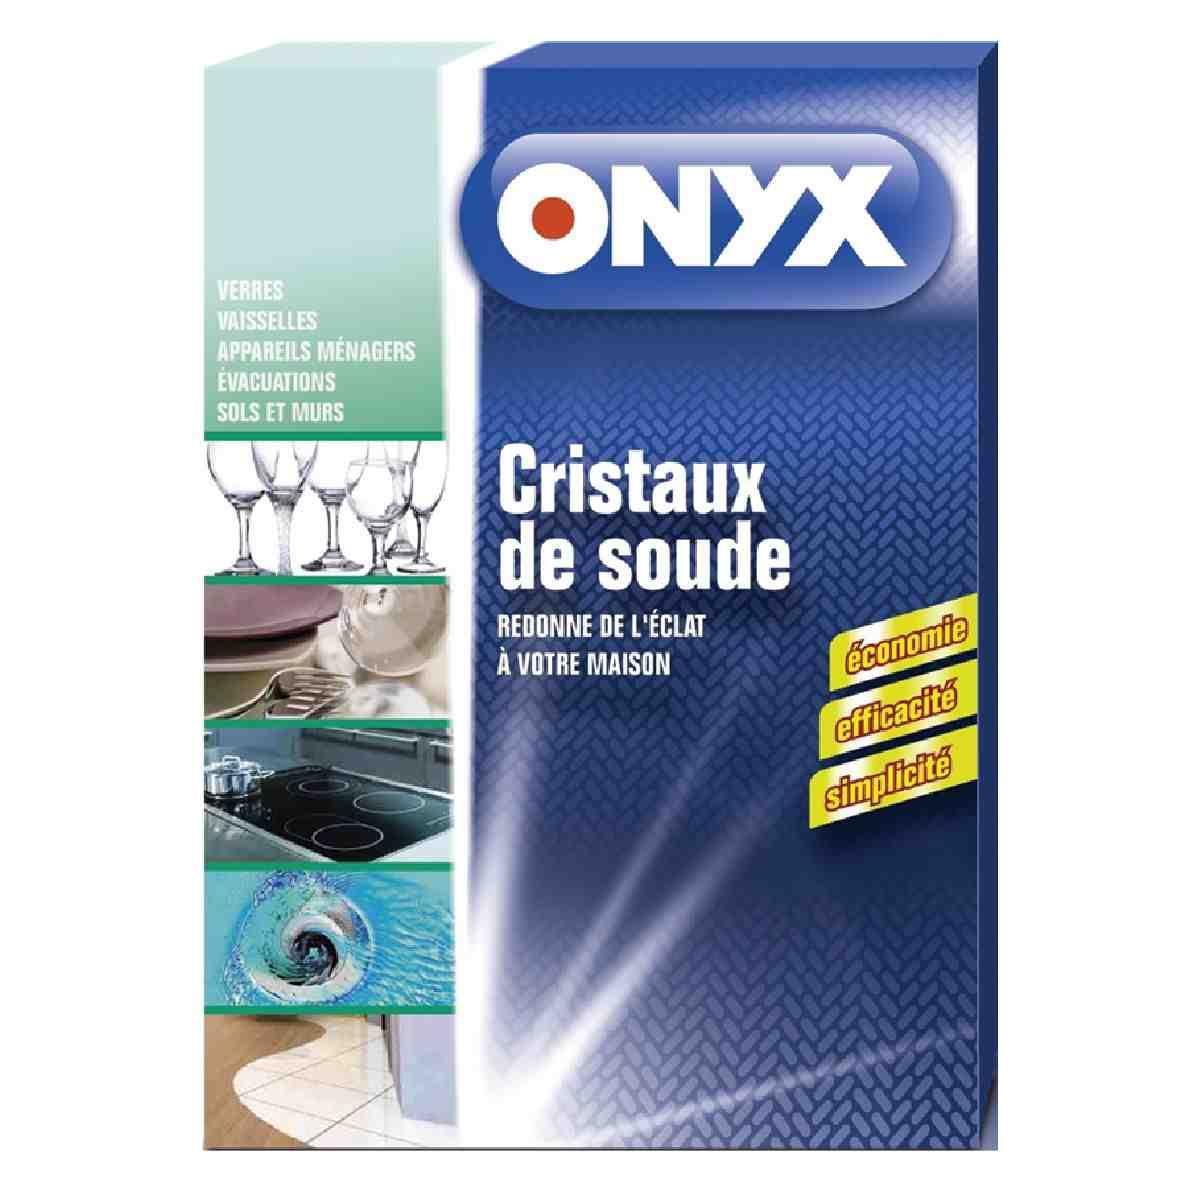 cristaux de soude onyx paquet de 1 25 kg de cristaux de soude 1124039 mon magasin g n ral. Black Bedroom Furniture Sets. Home Design Ideas